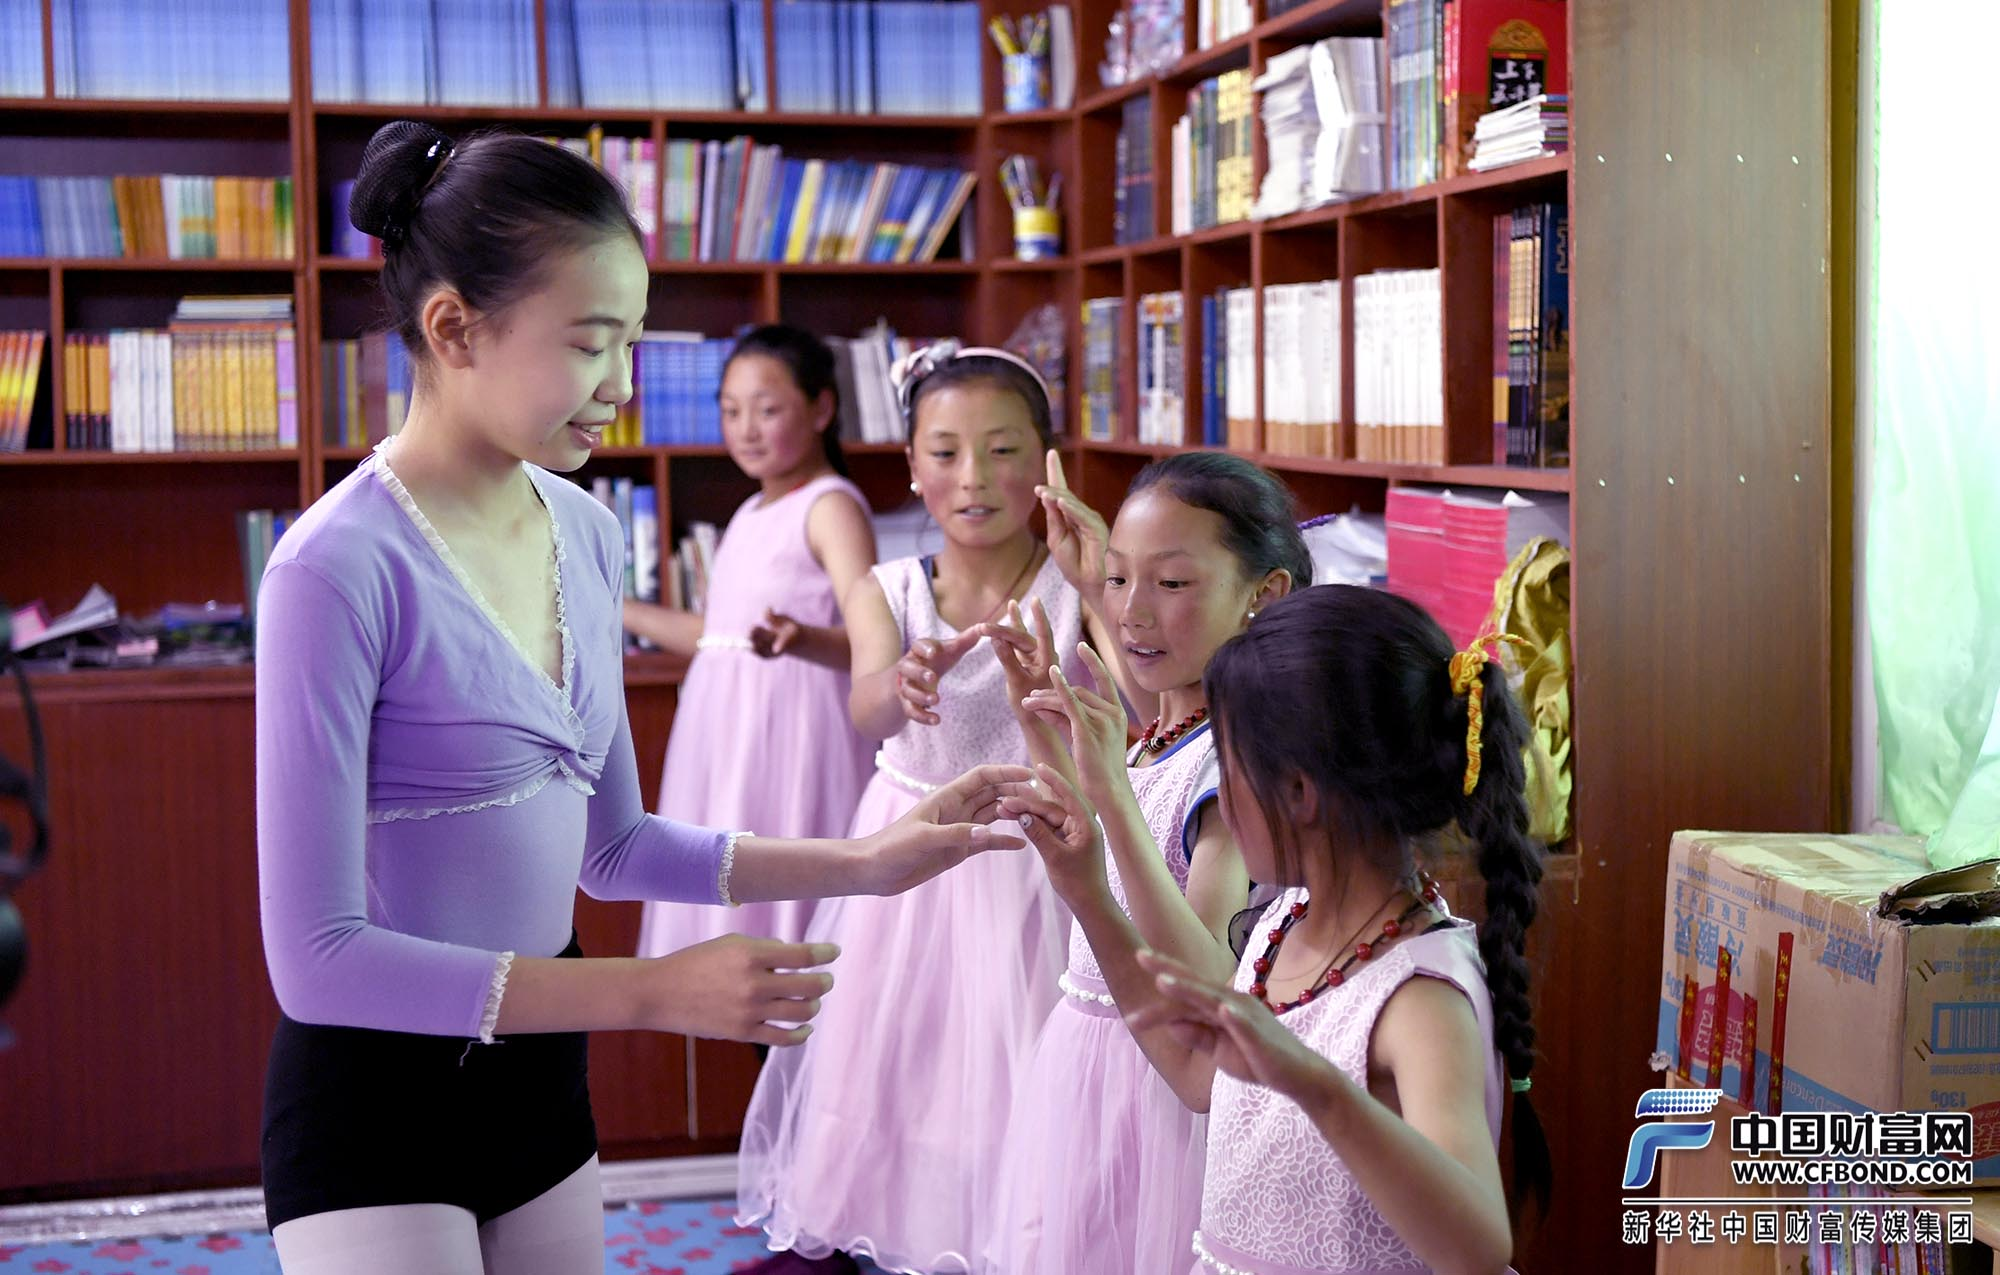 小舞蹈老师在教孩子们芭蕾舞动作